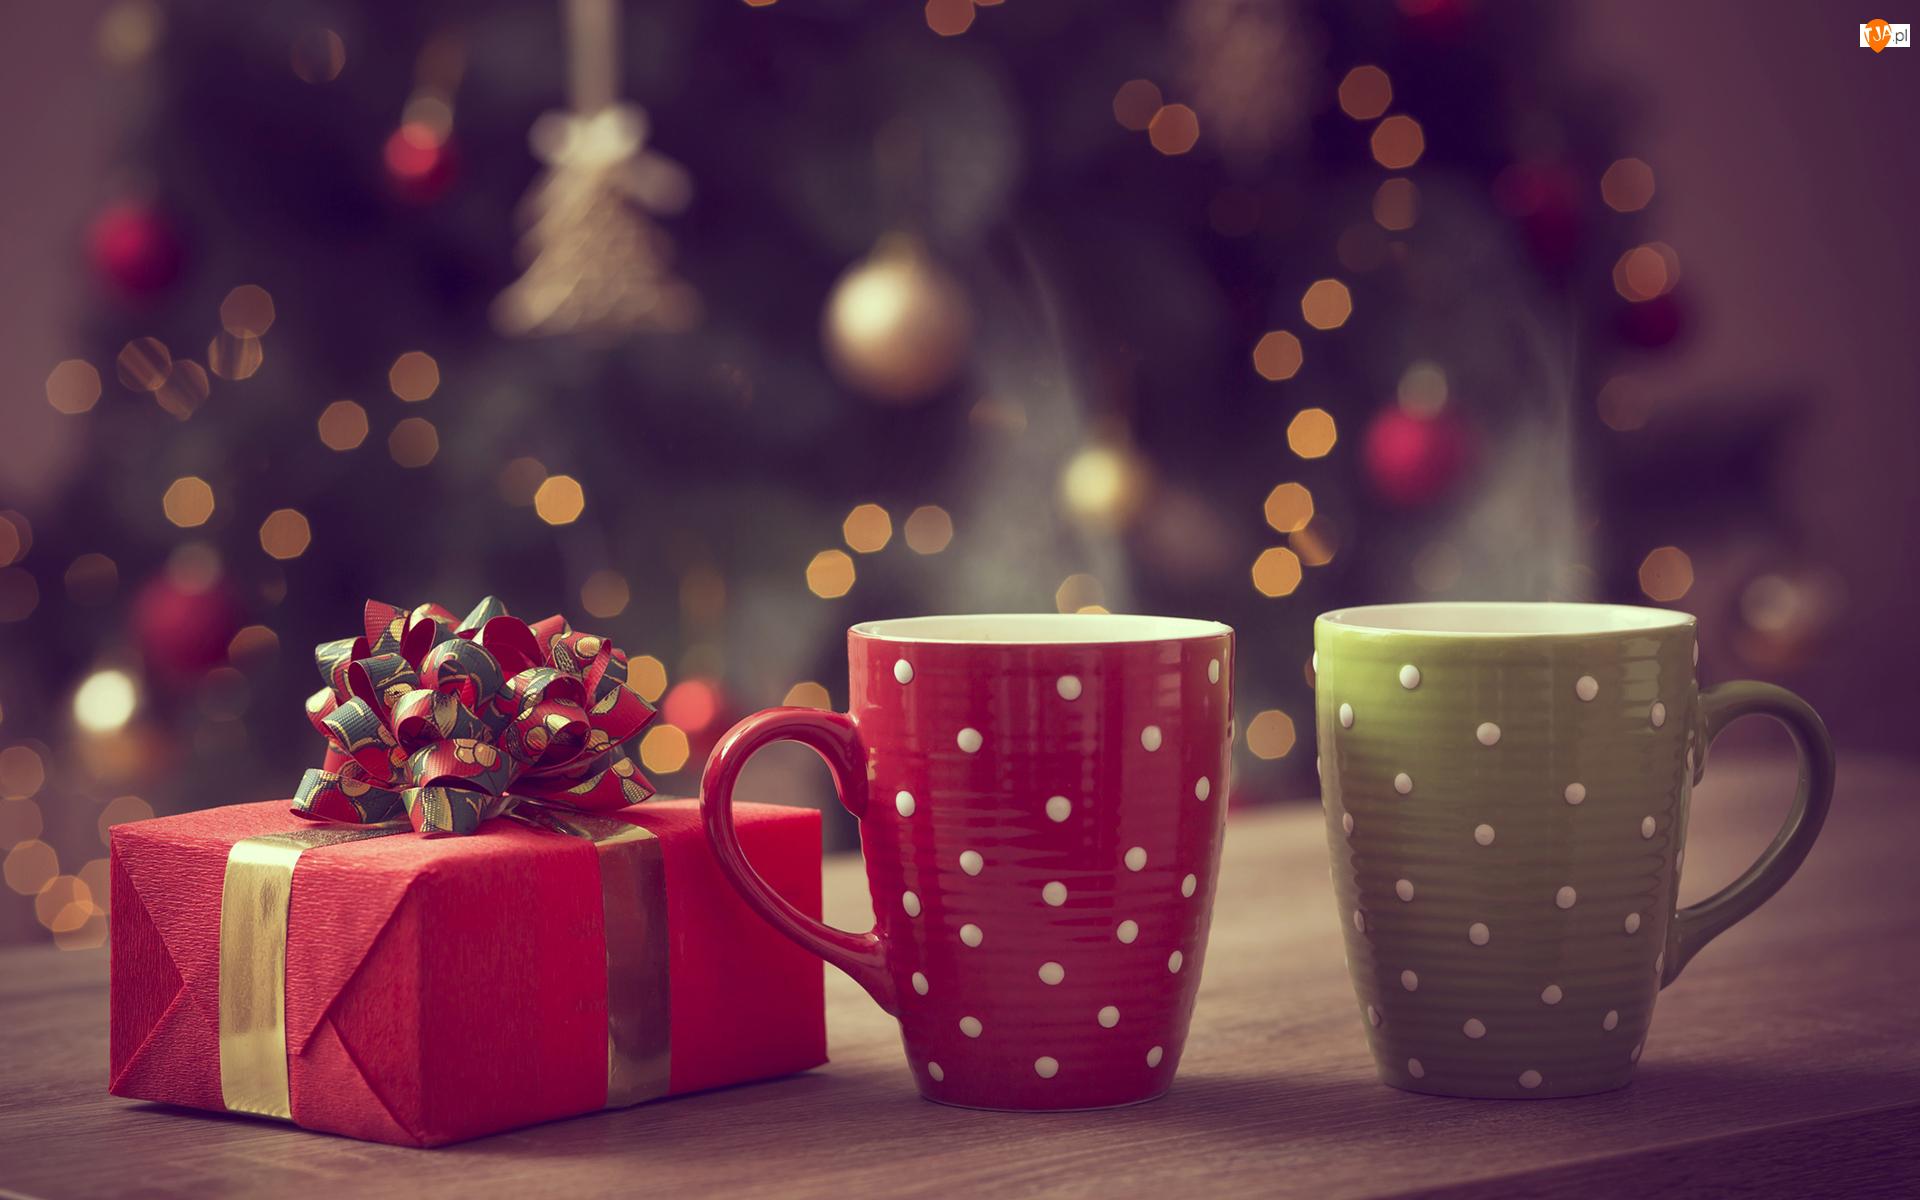 Tło, Świąteczna, Rozmyte, Kubki, Kawa, Prezent, Kokarda, Kompozycja, Dwa